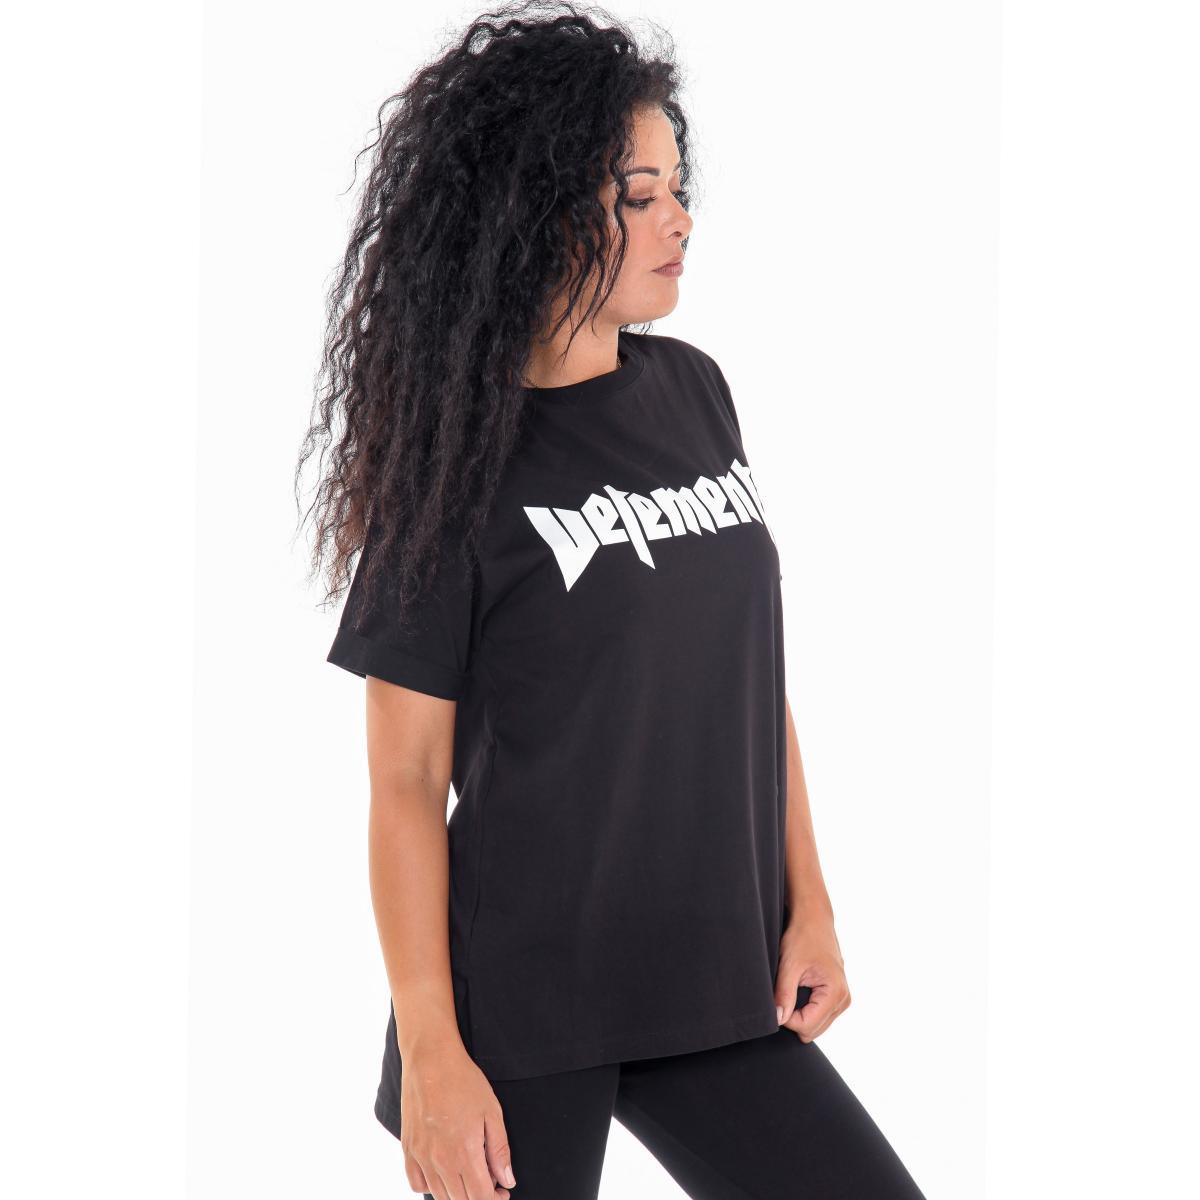 """T-shirt """"Vetements"""" girocollo da donna con stampa anteriore e posteriore Rif. V065 www.montorostore.it"""